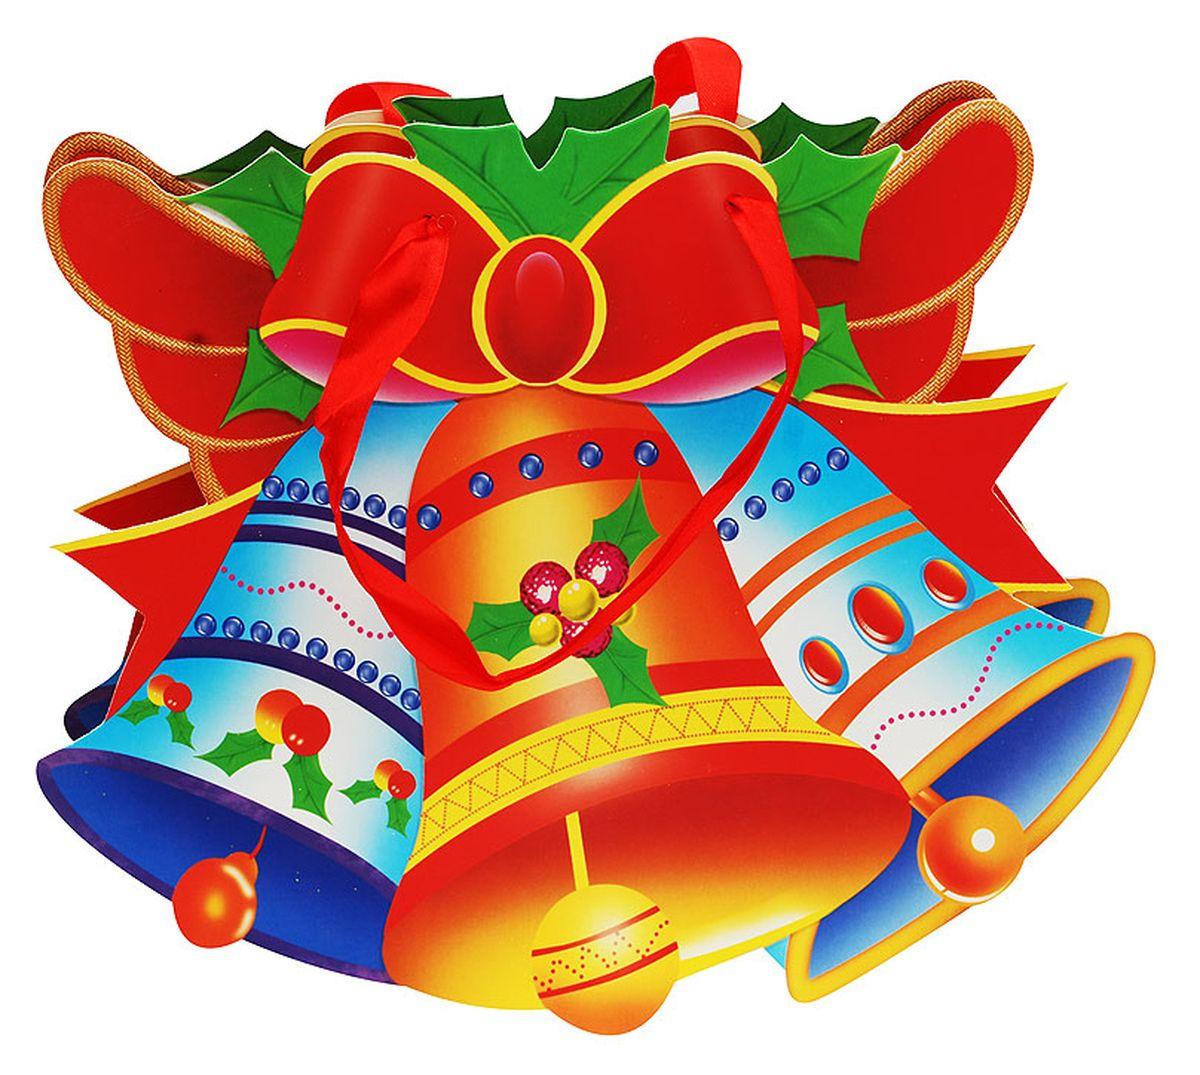 Пакет подарочный Белоснежка Волшебные колокольчики, 25 х 26 х 8 см7716370_золотойПодарочный пакет Волшебные колокольчики выполнен из качественной плотной бумаги с хорошей печатью, объемные элементы на пакете придают дополнительный яркий акцент.